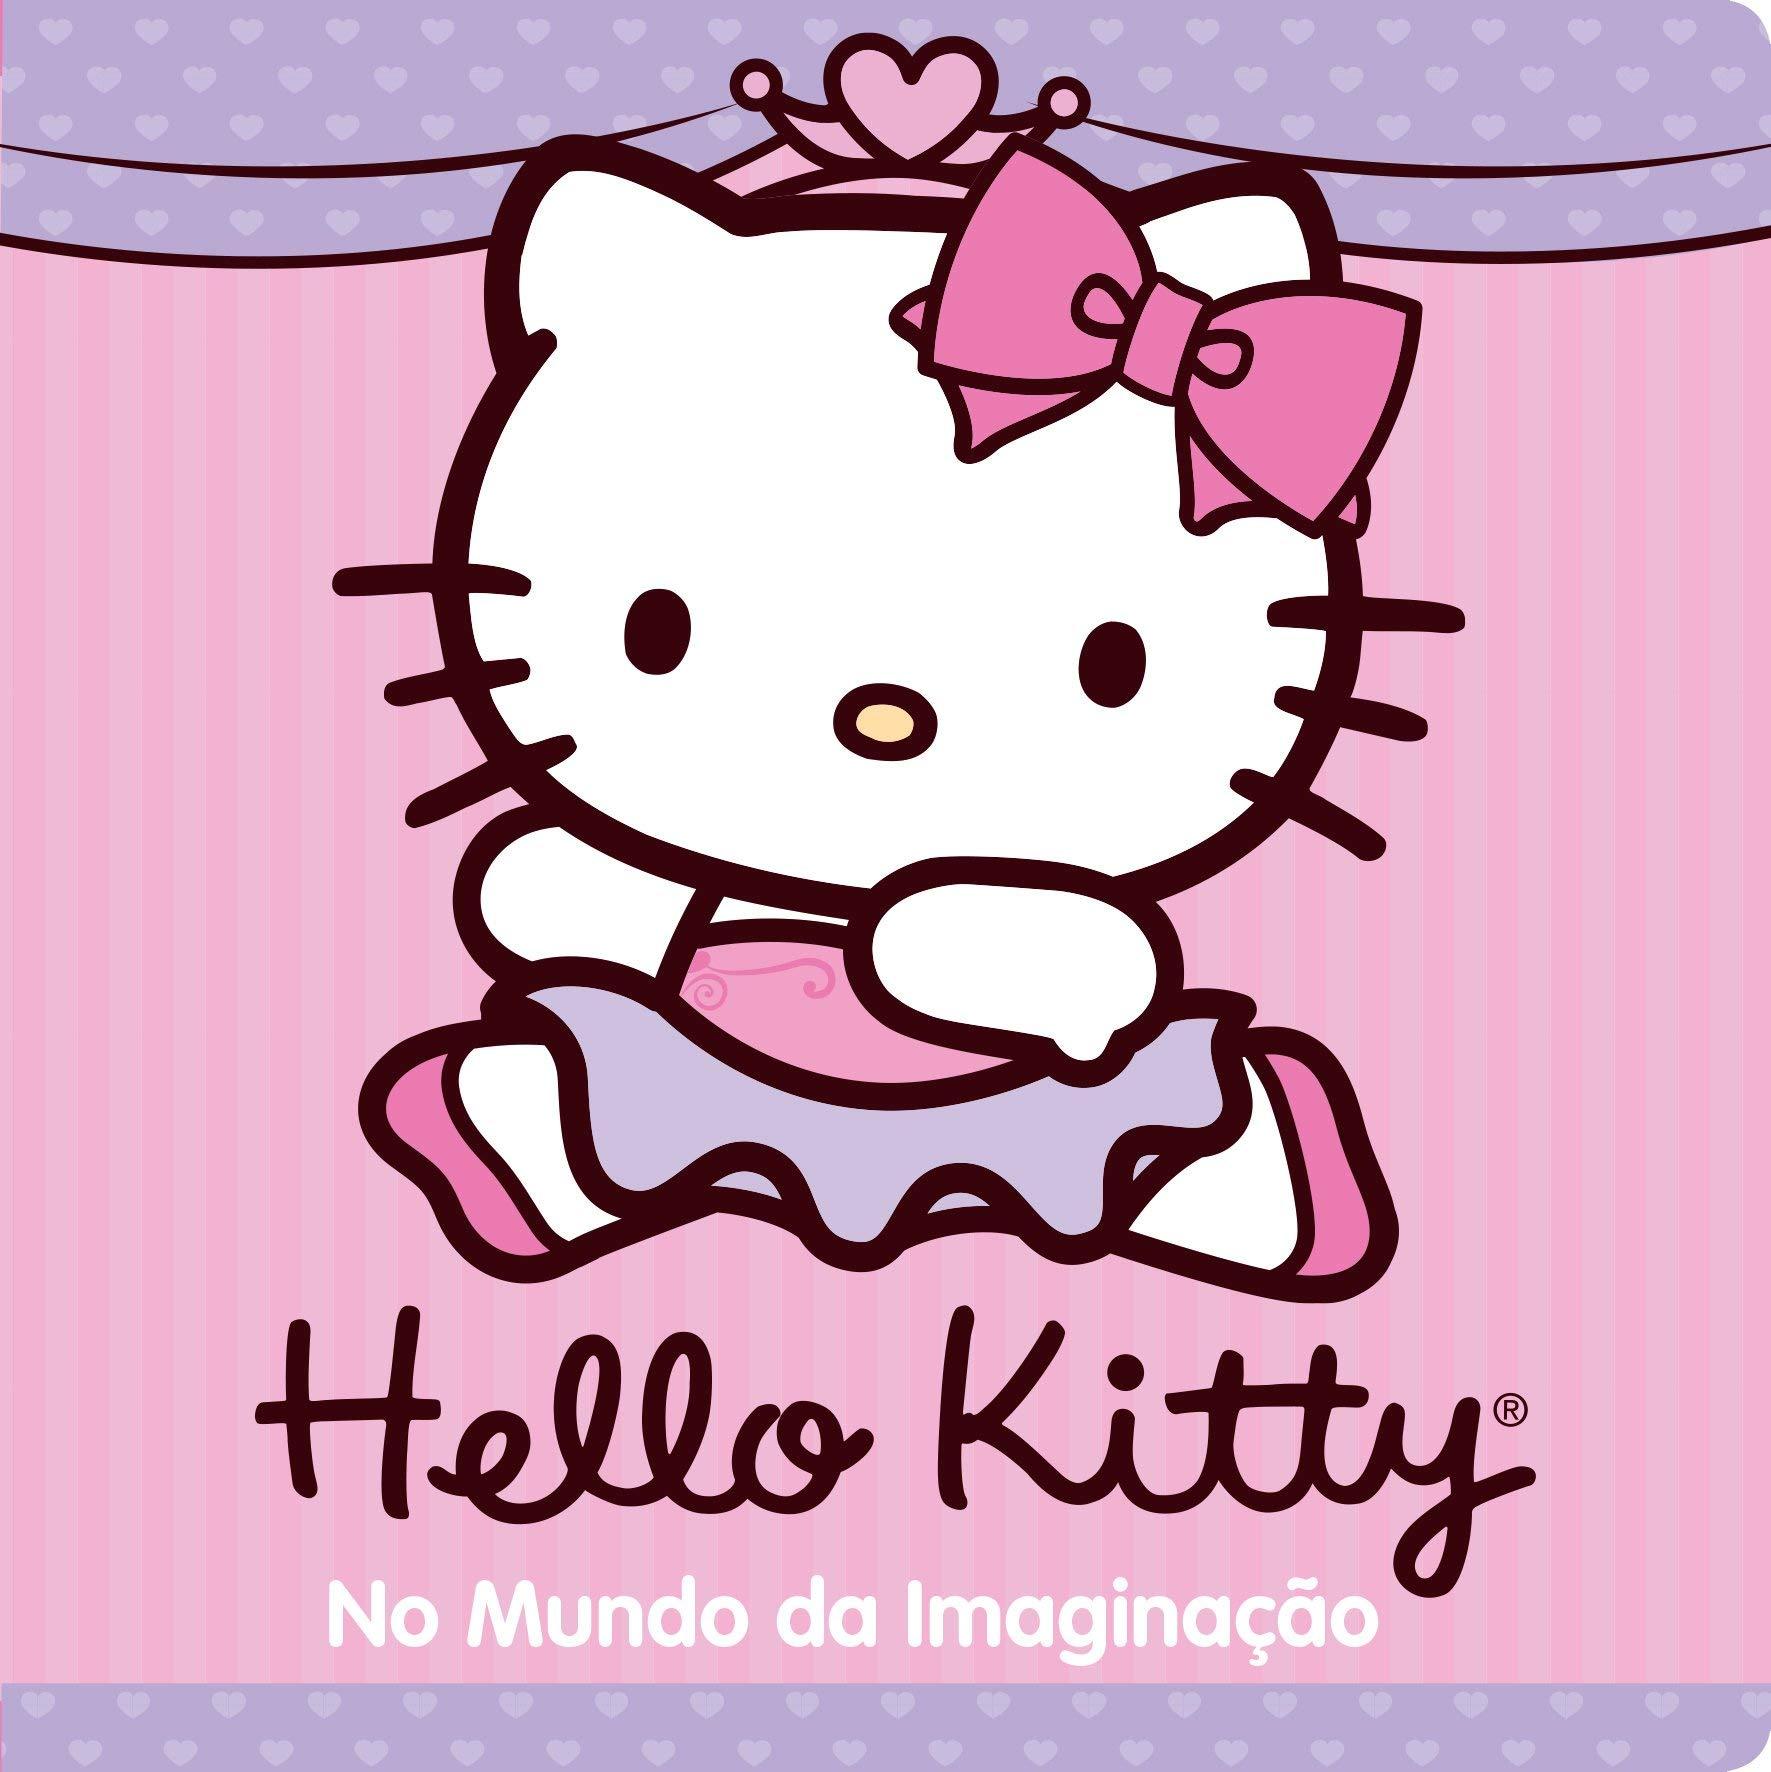 Hello Kitty: No Mundo da Imaginação